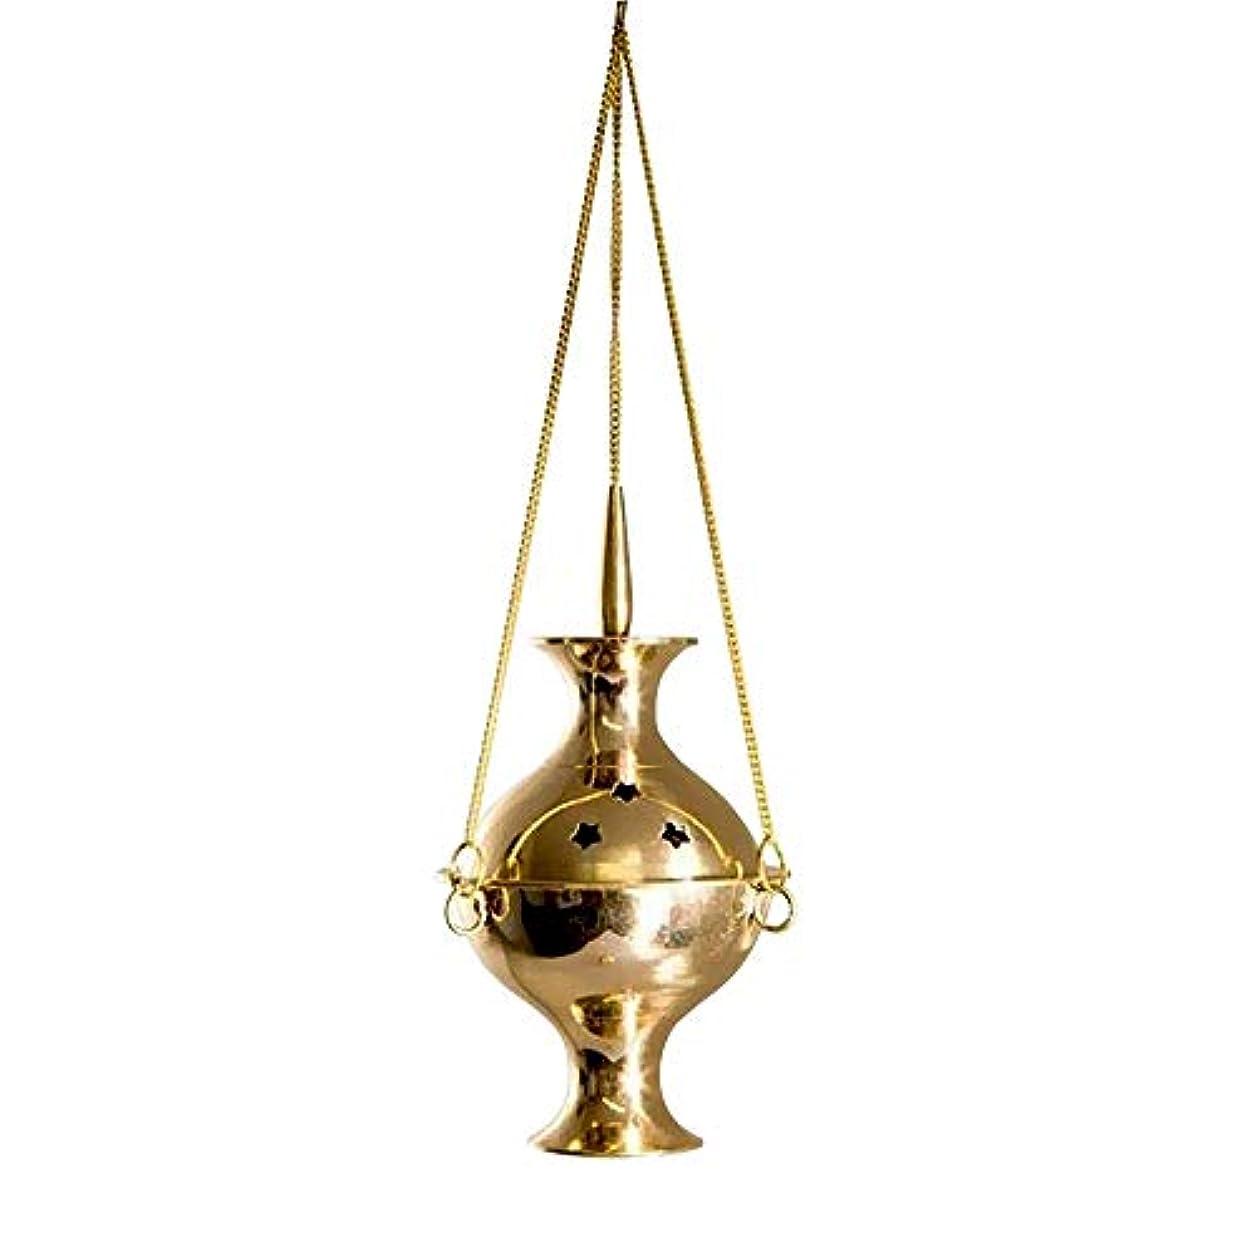 神経感謝祭バンケットカトリック香炉 吊り下げ式香炉 チャコール 6インチ 真鍮 吊り下げ 香炉 炭 香炉 バーナー 真鍮製 輝く仕上げで適切な燃焼に役立ちます。